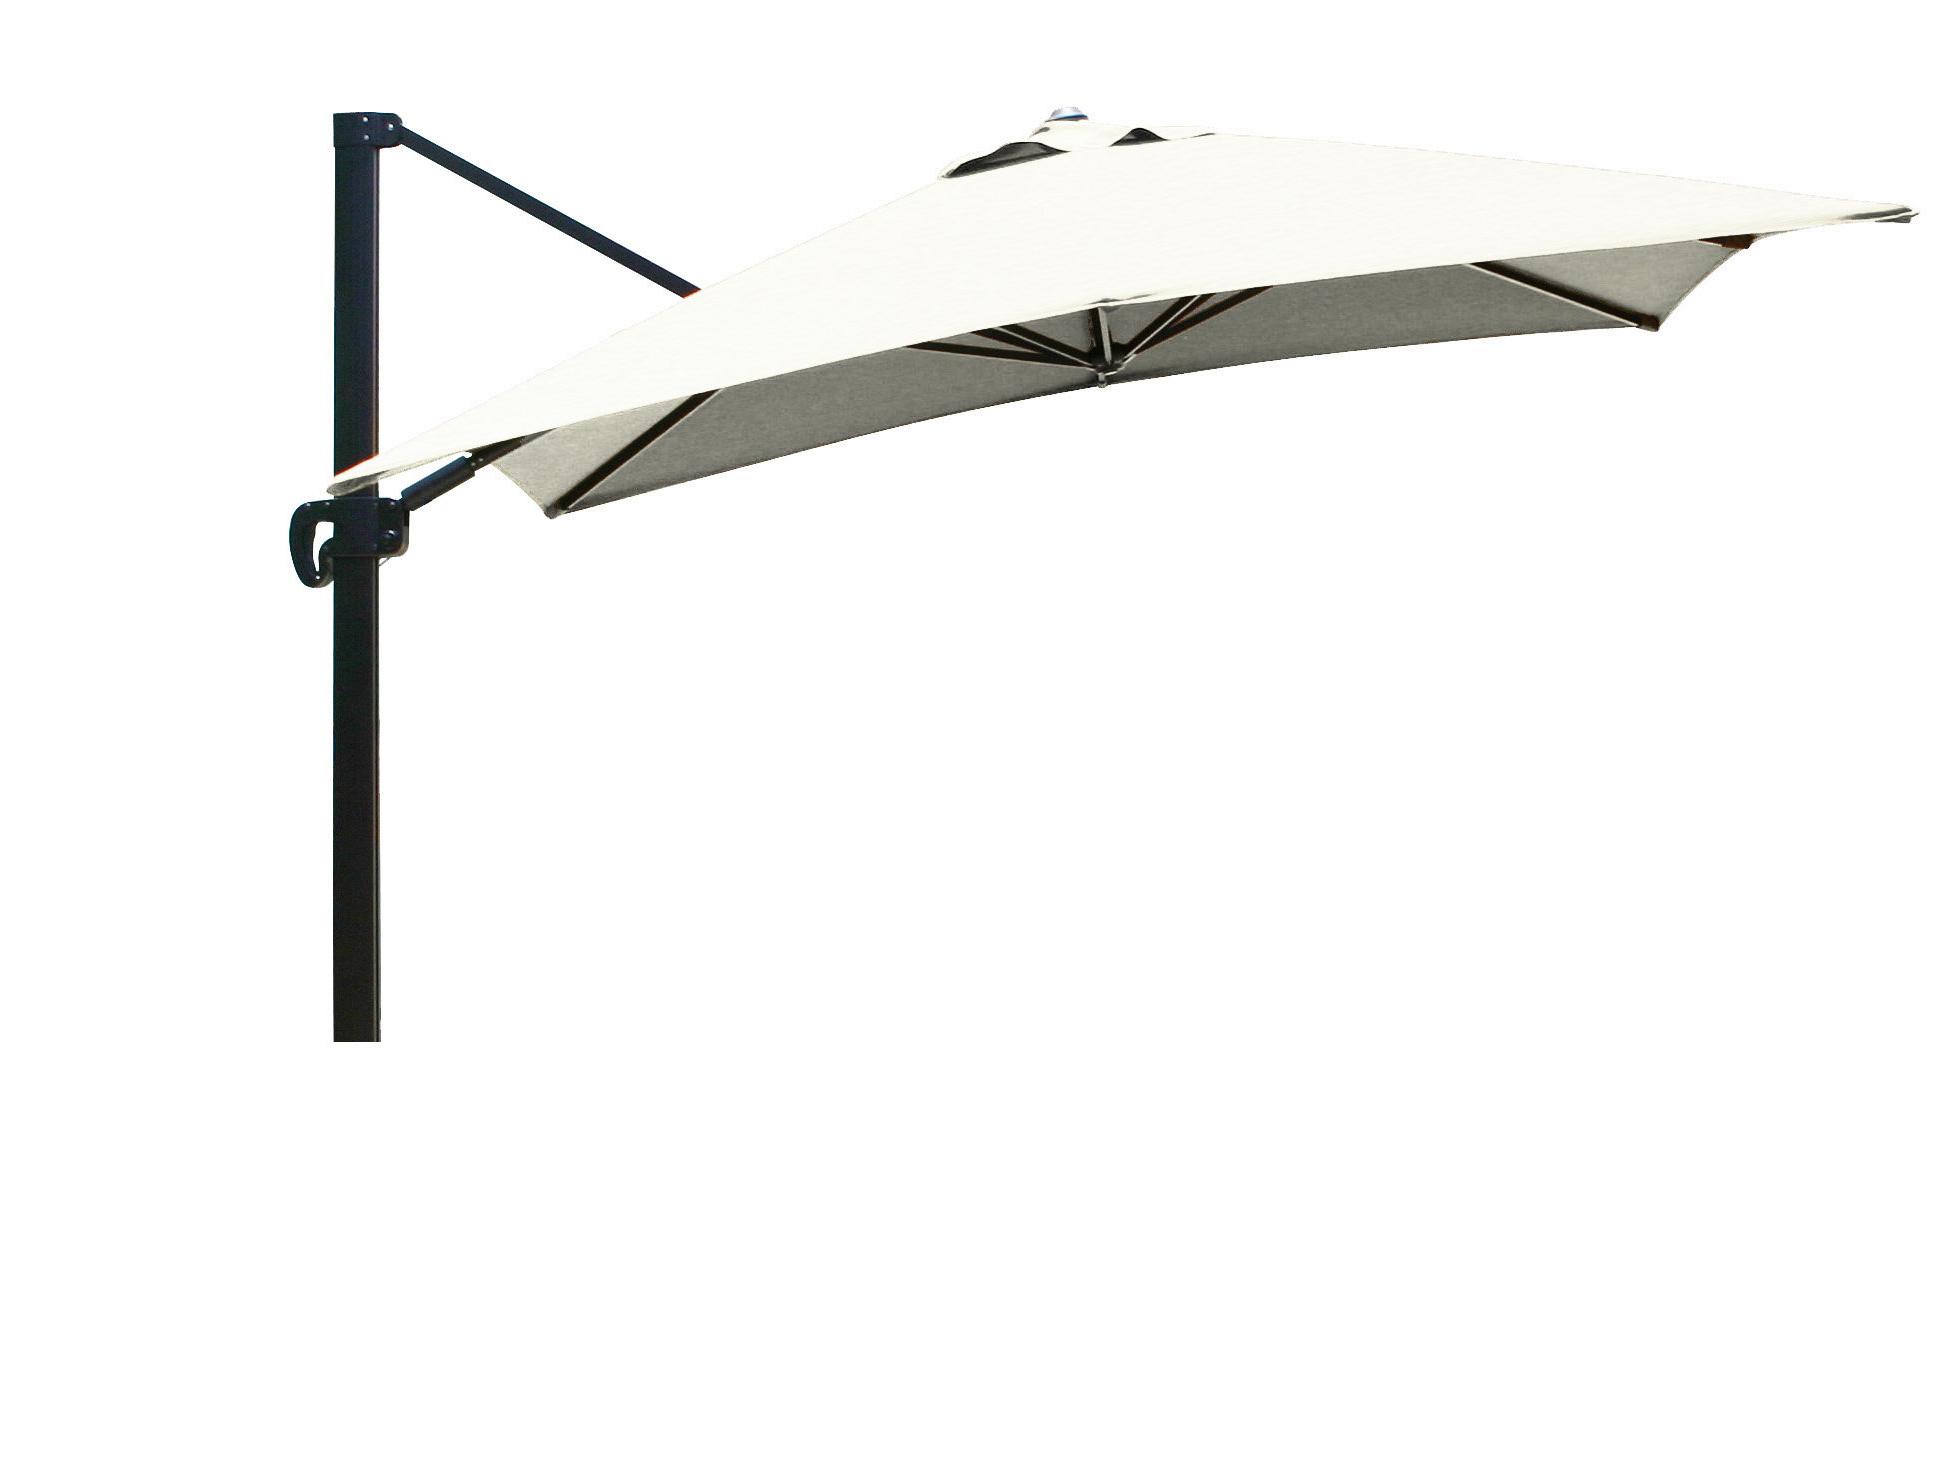 Carlisle 10' Square Cantilever Sunbrella Umbrella For 2019 Krystal Square Cantilever Sunbrella Umbrellas (View 5 of 20)